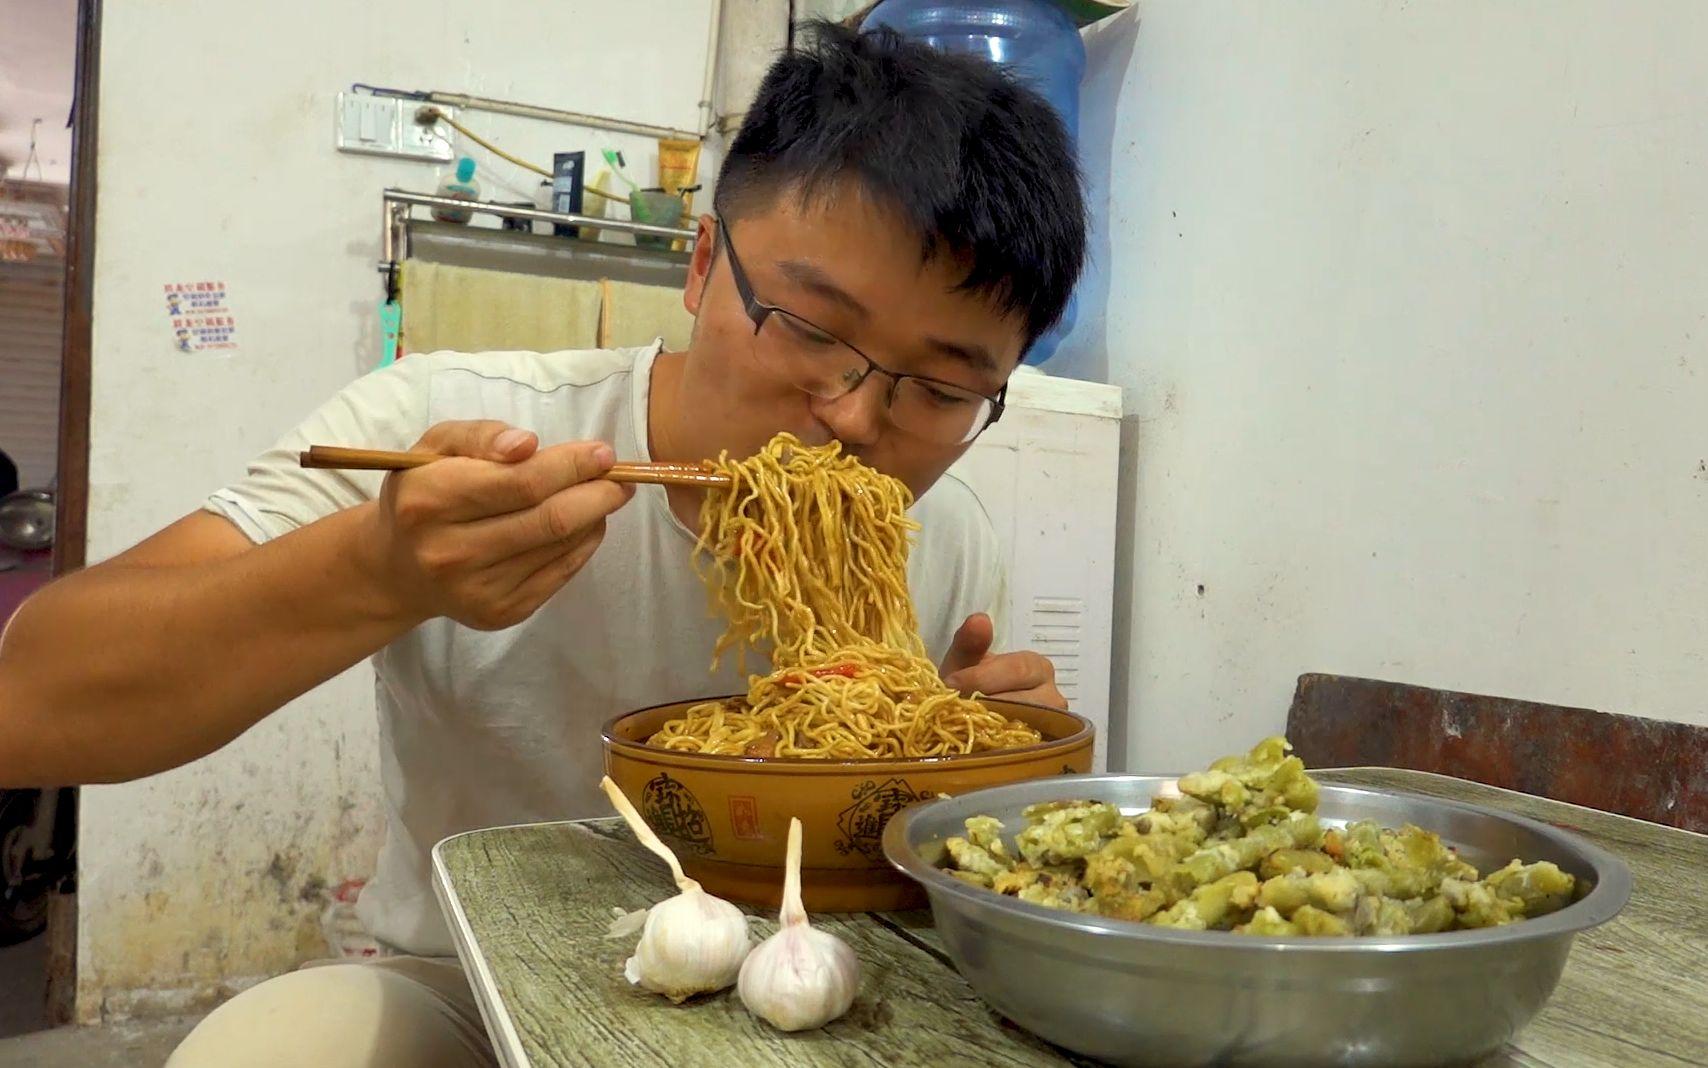 一锅黄焖鸡焖面,一盆生煎豆角,大sao做的创新面条,配大蒜真香